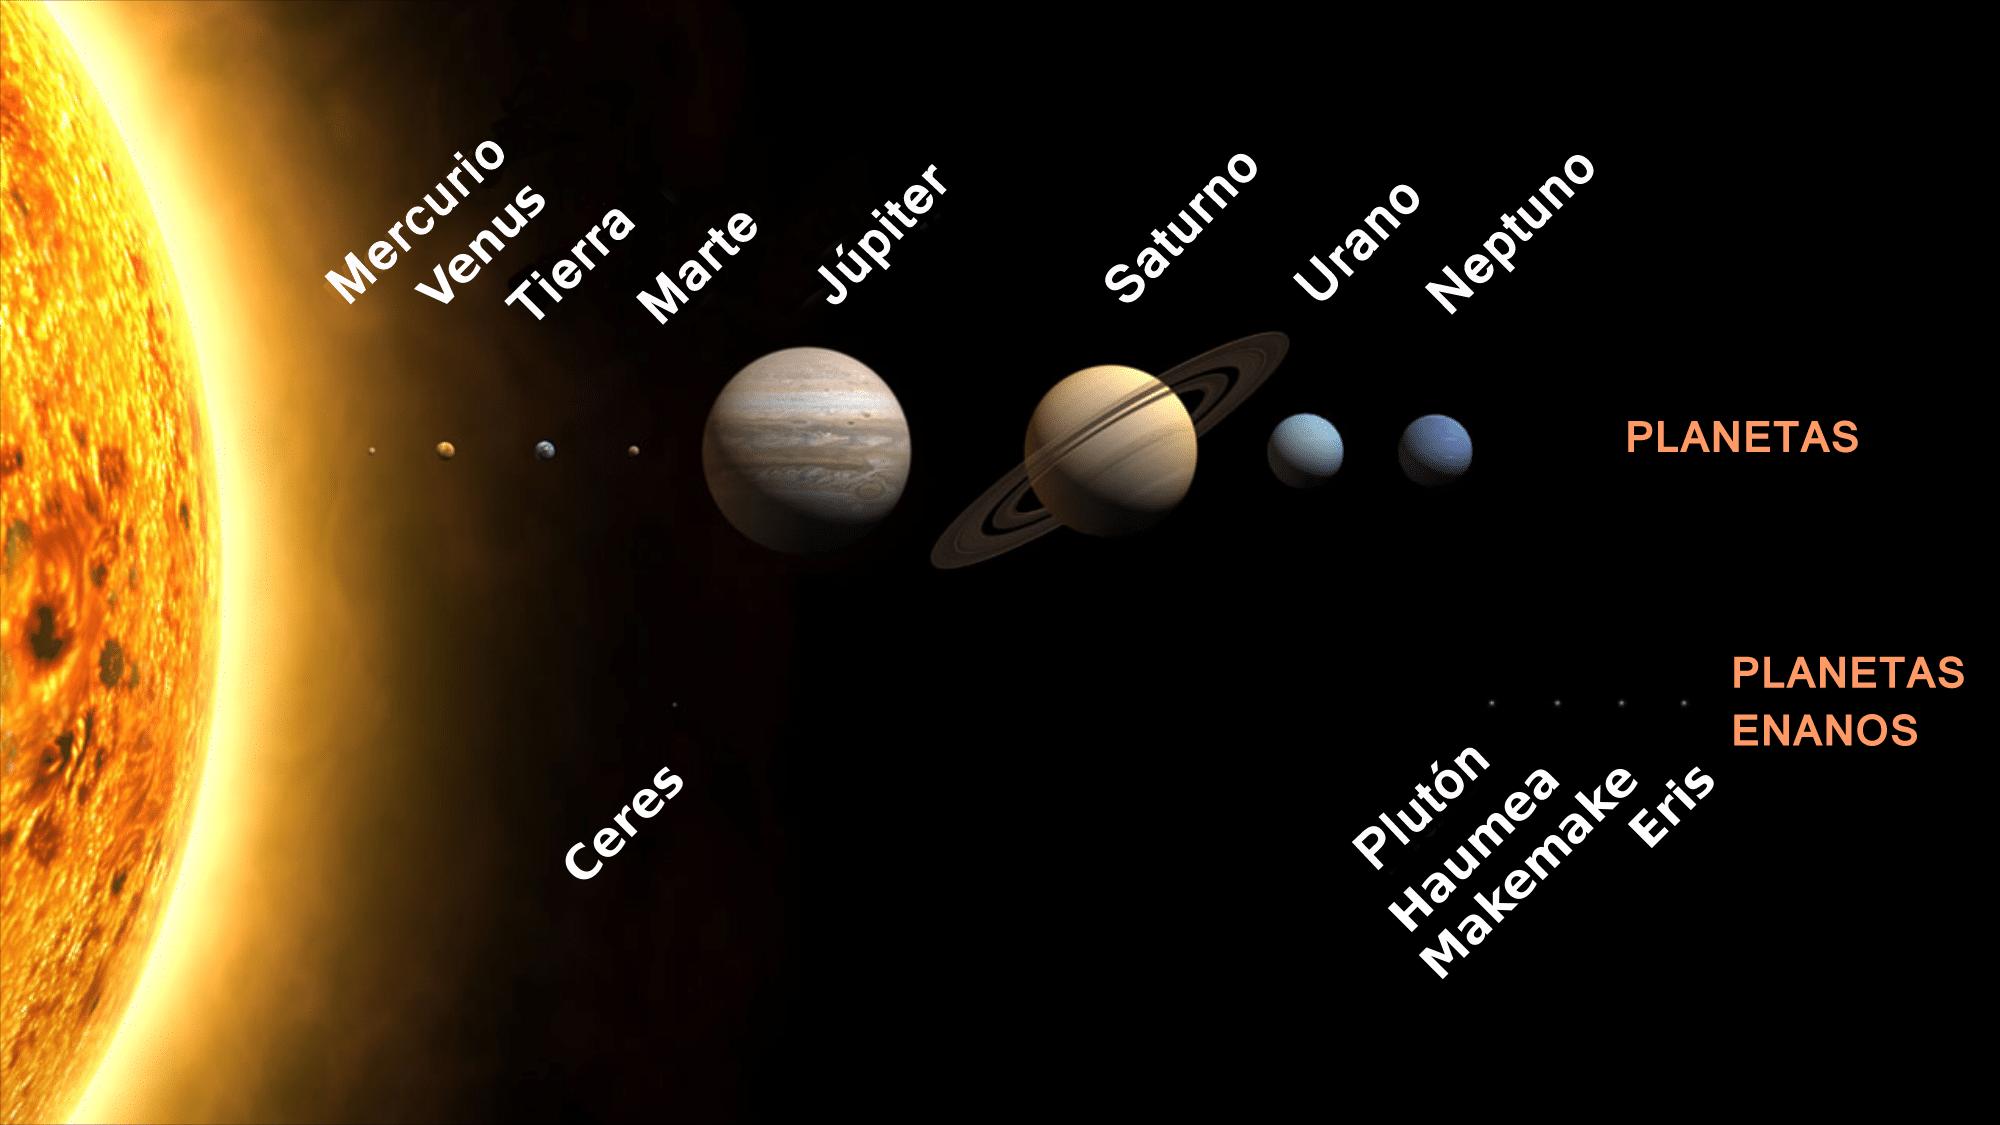 la gravedad-22